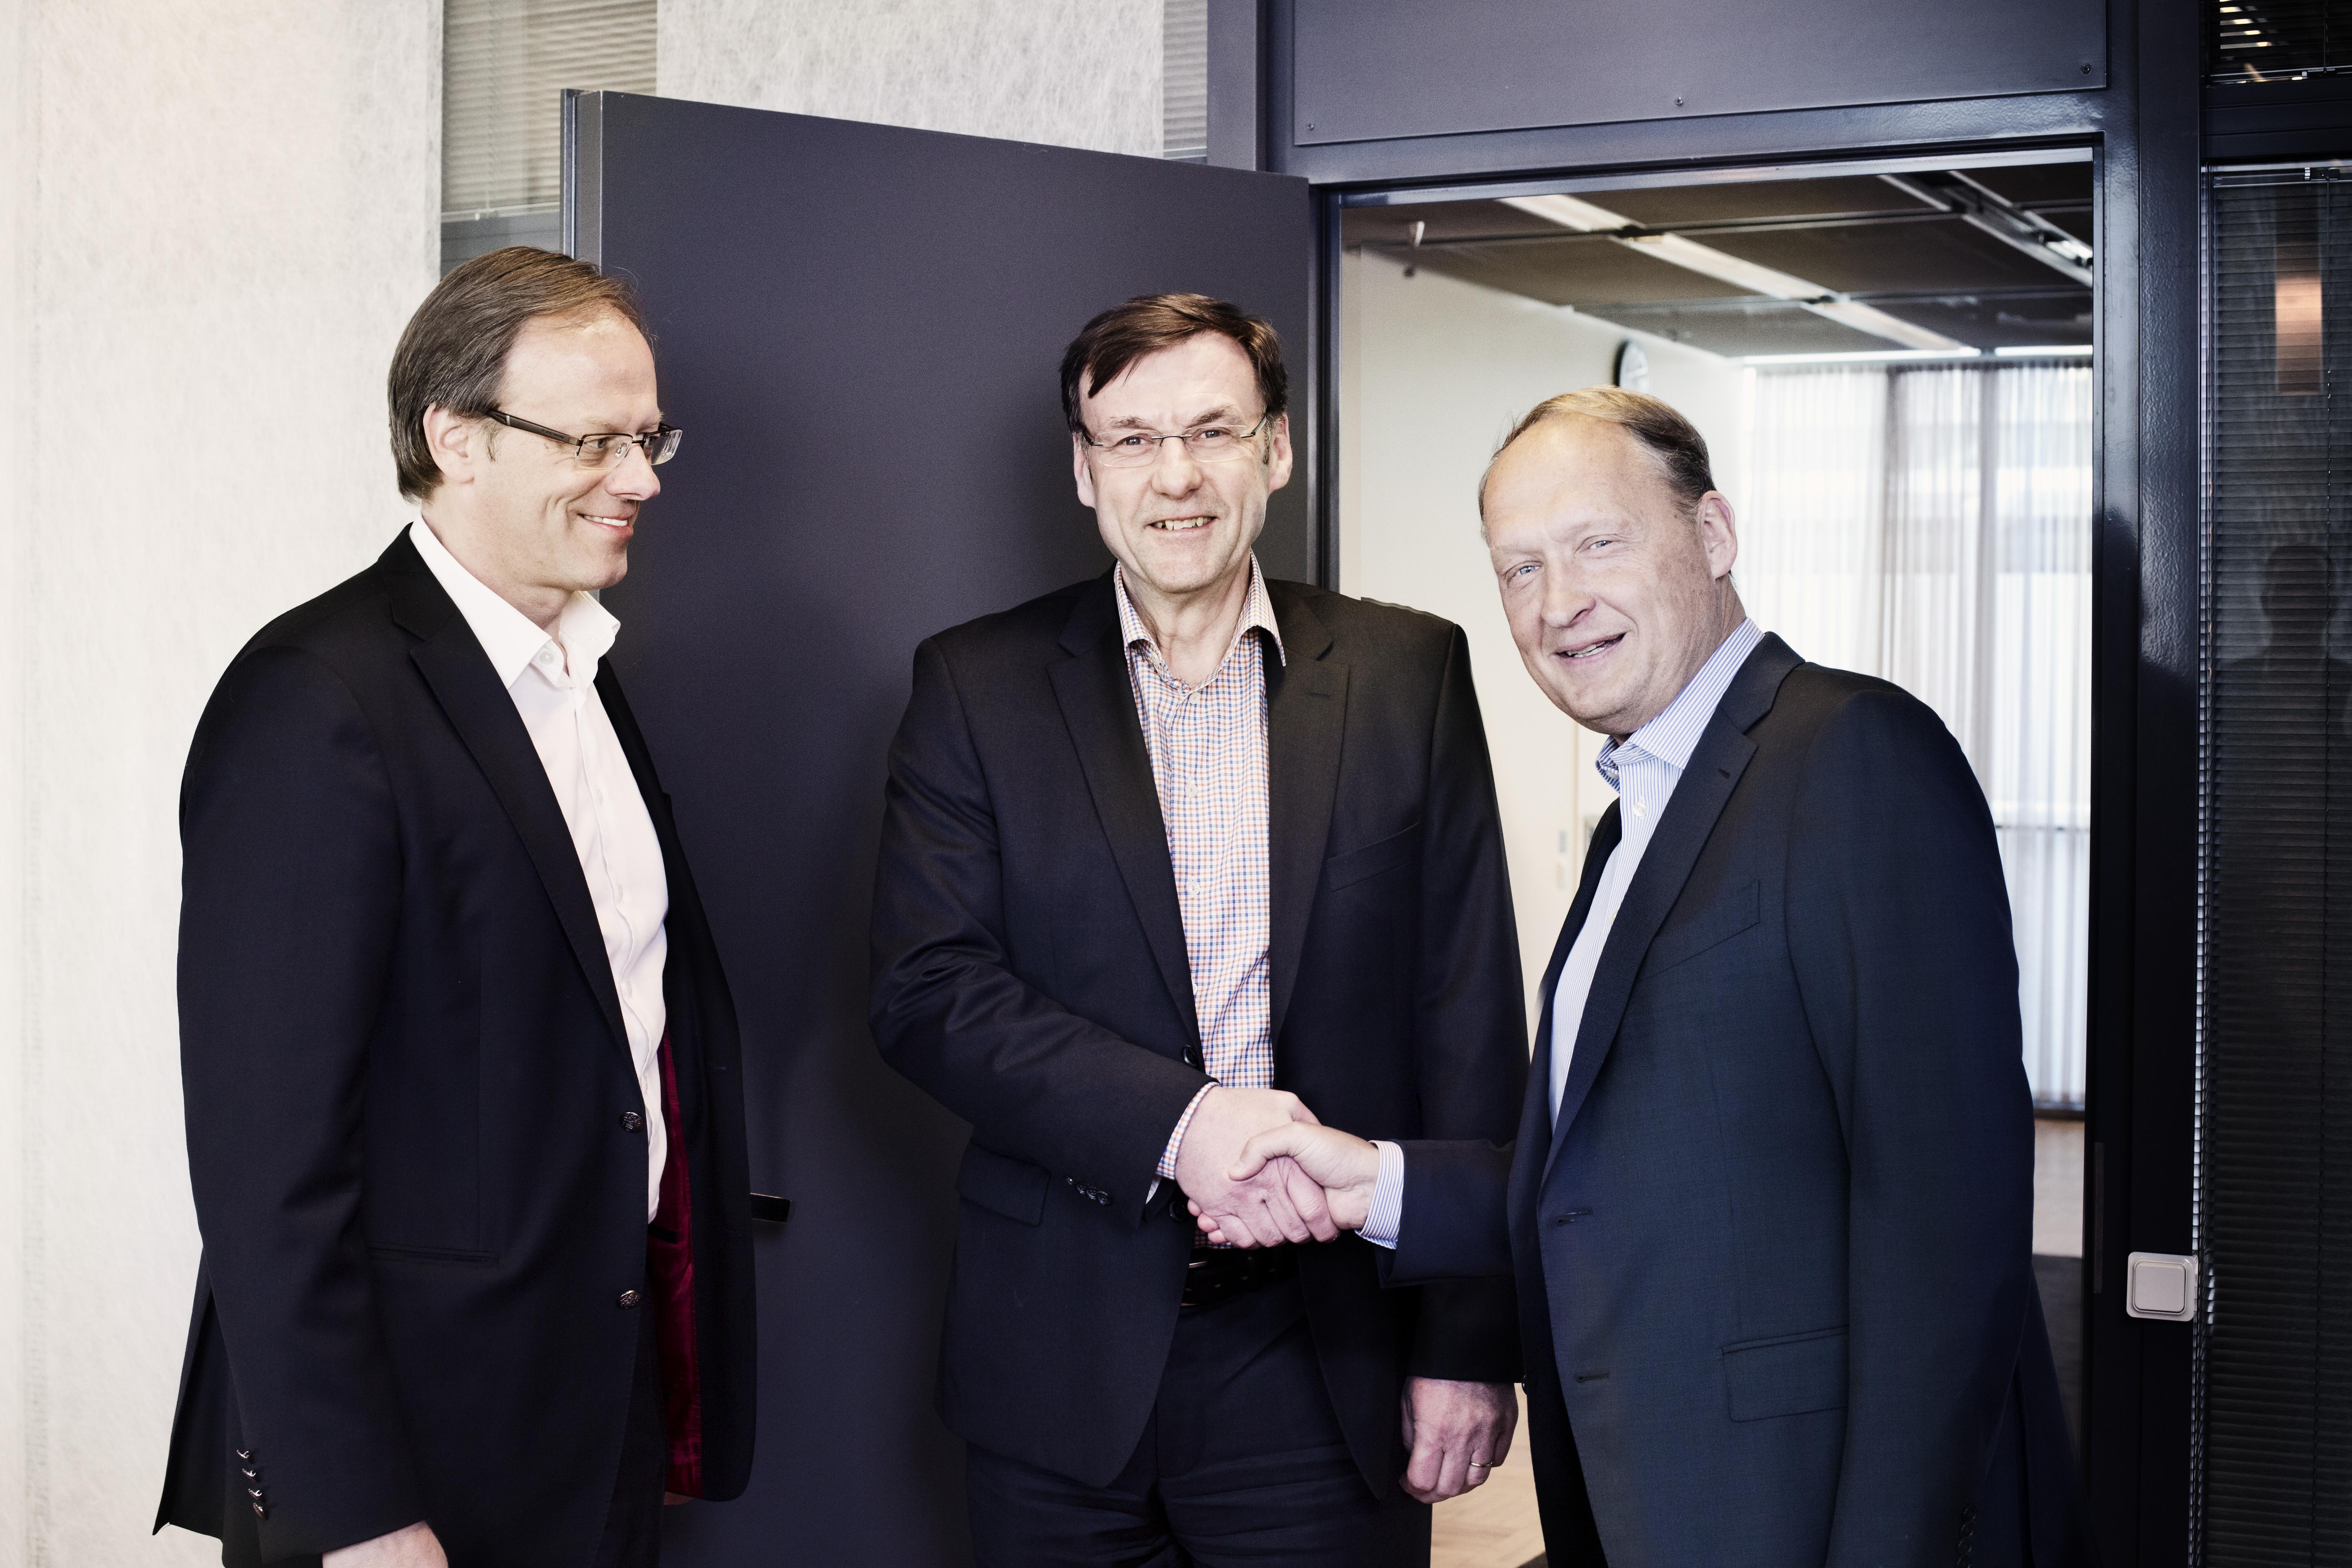 PostNord skriver kontrakt med Bockasjö. Fr v Håkan Ericsson (postnord) Anders Holm (postnord) Joakim Hedin vd Bockasjö